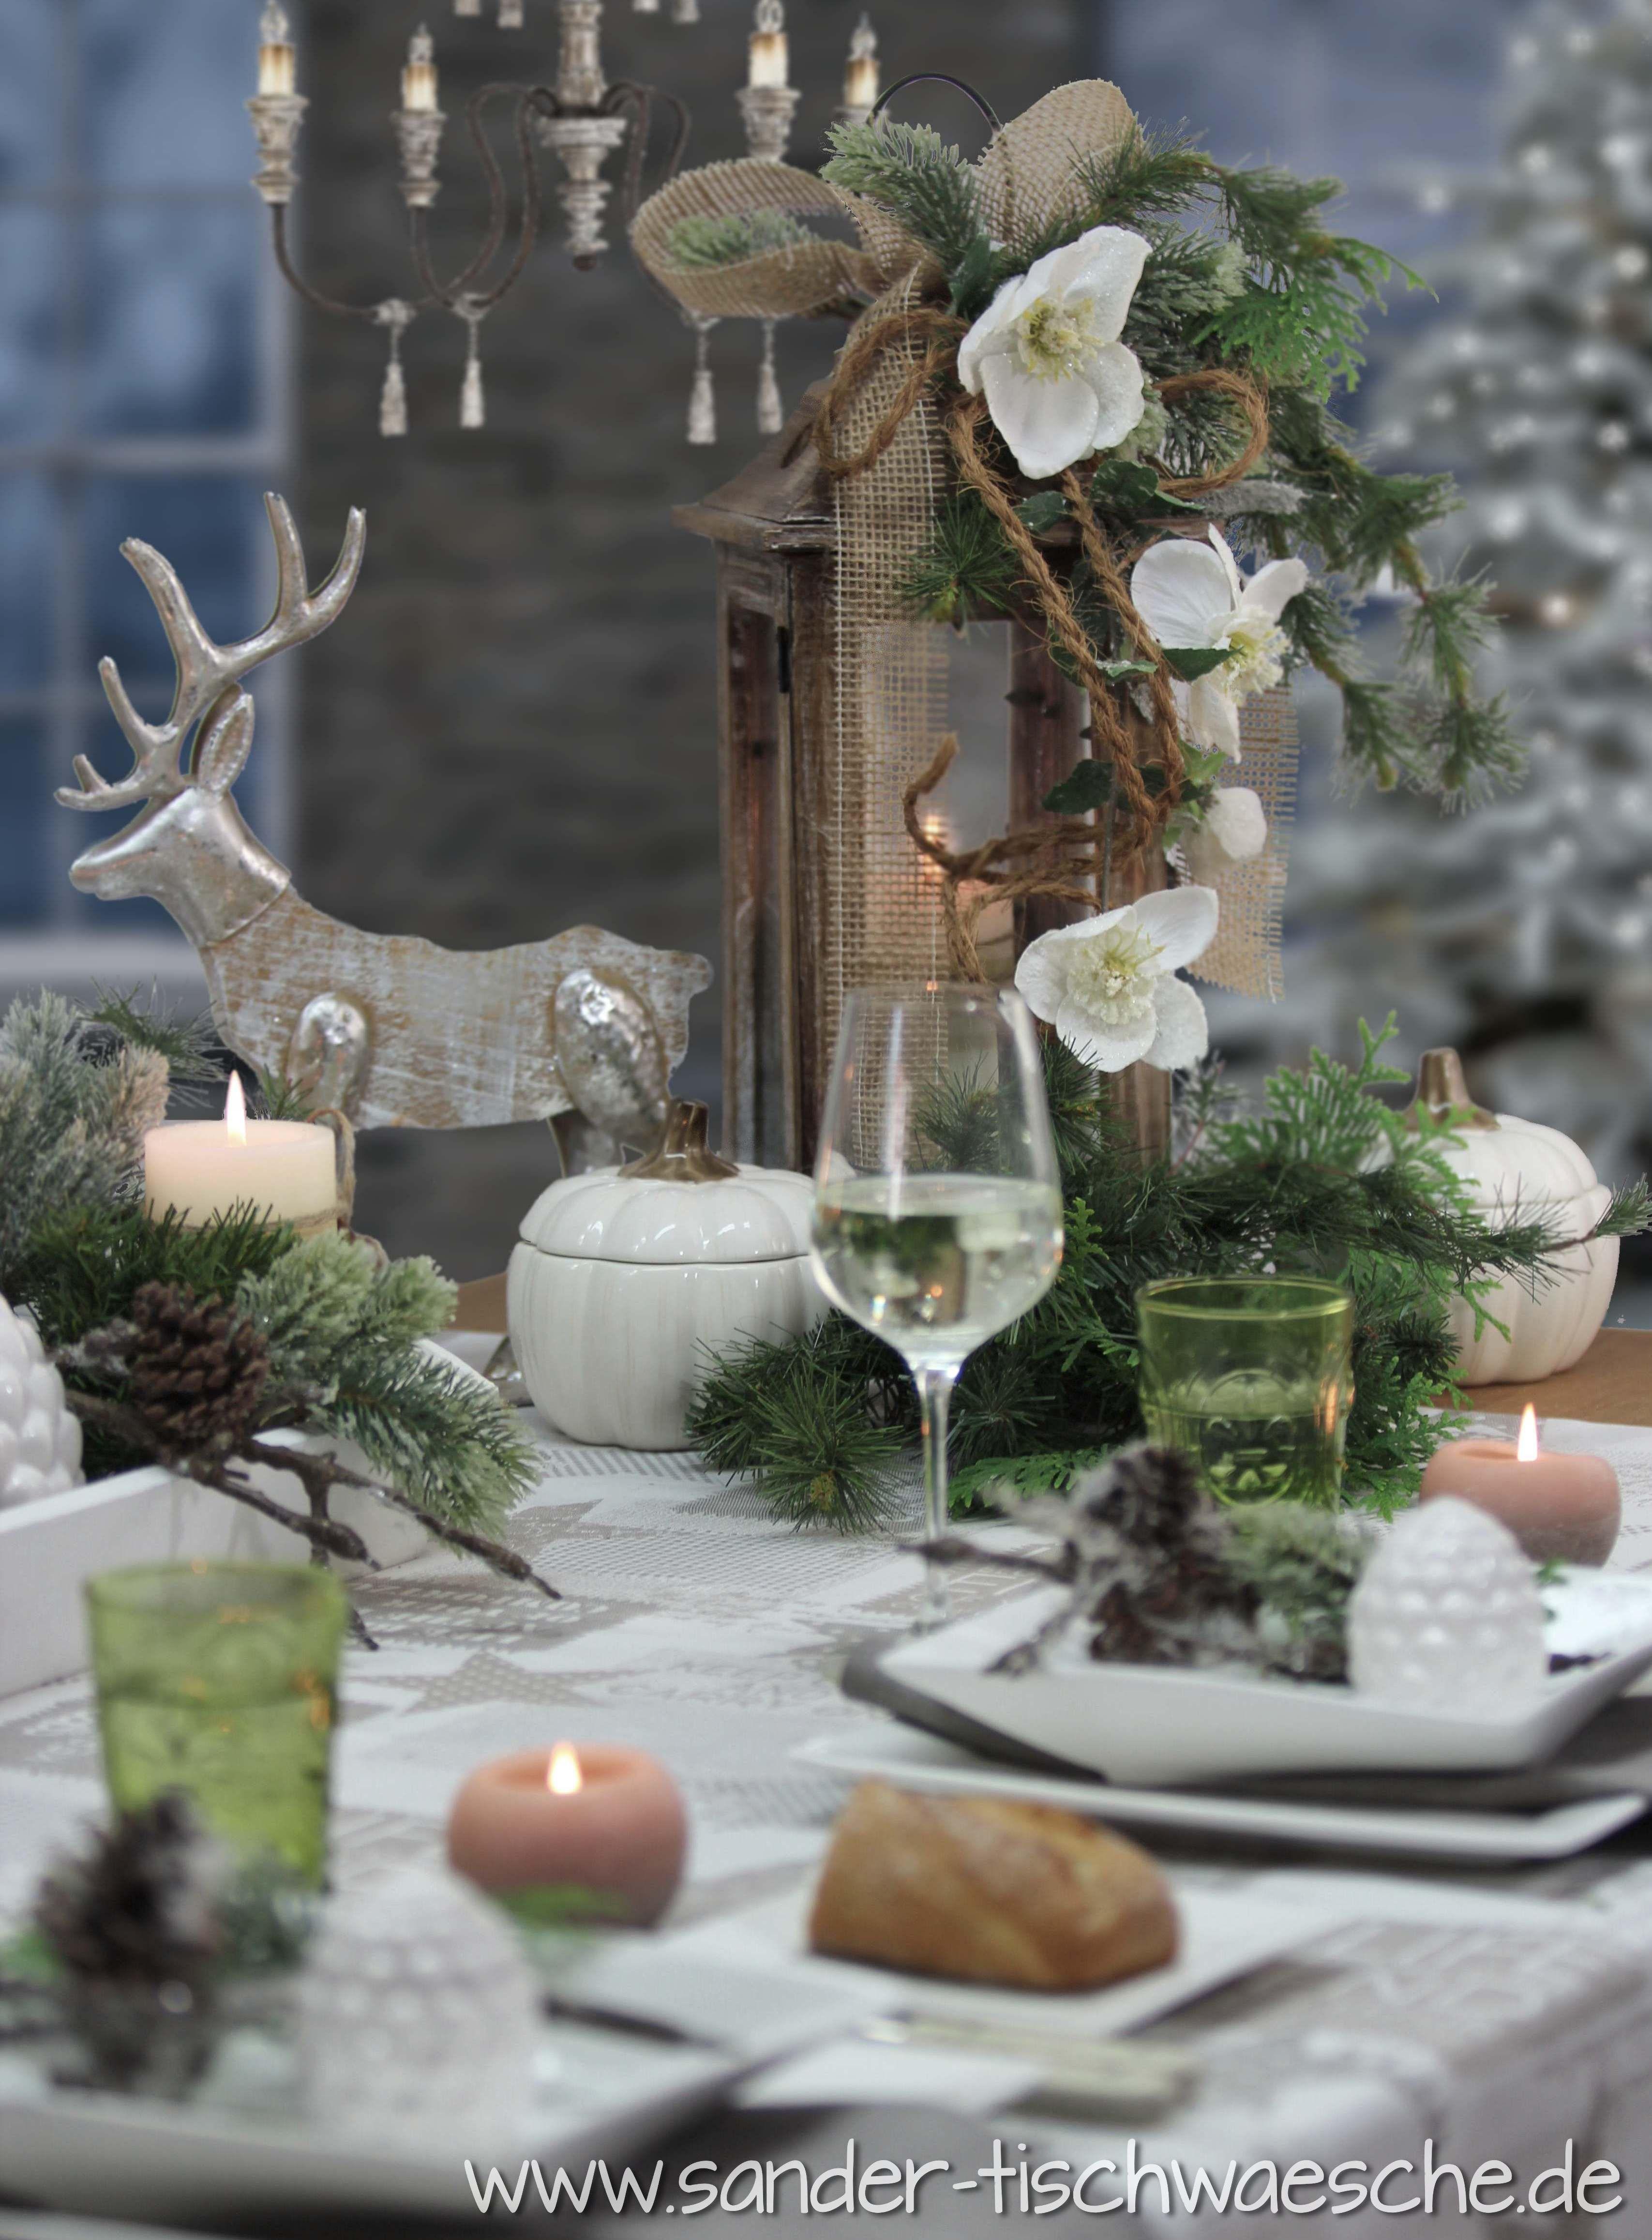 Tischdeko zu Weihnachten: die Holzlaterne wurde schnell aufgehübscht mit Juteband und Kordel, ein paar Zweigen und Christrosen. Die Tischdecke ist von sander-tischwaesche.de #dekoweihnachtentisch